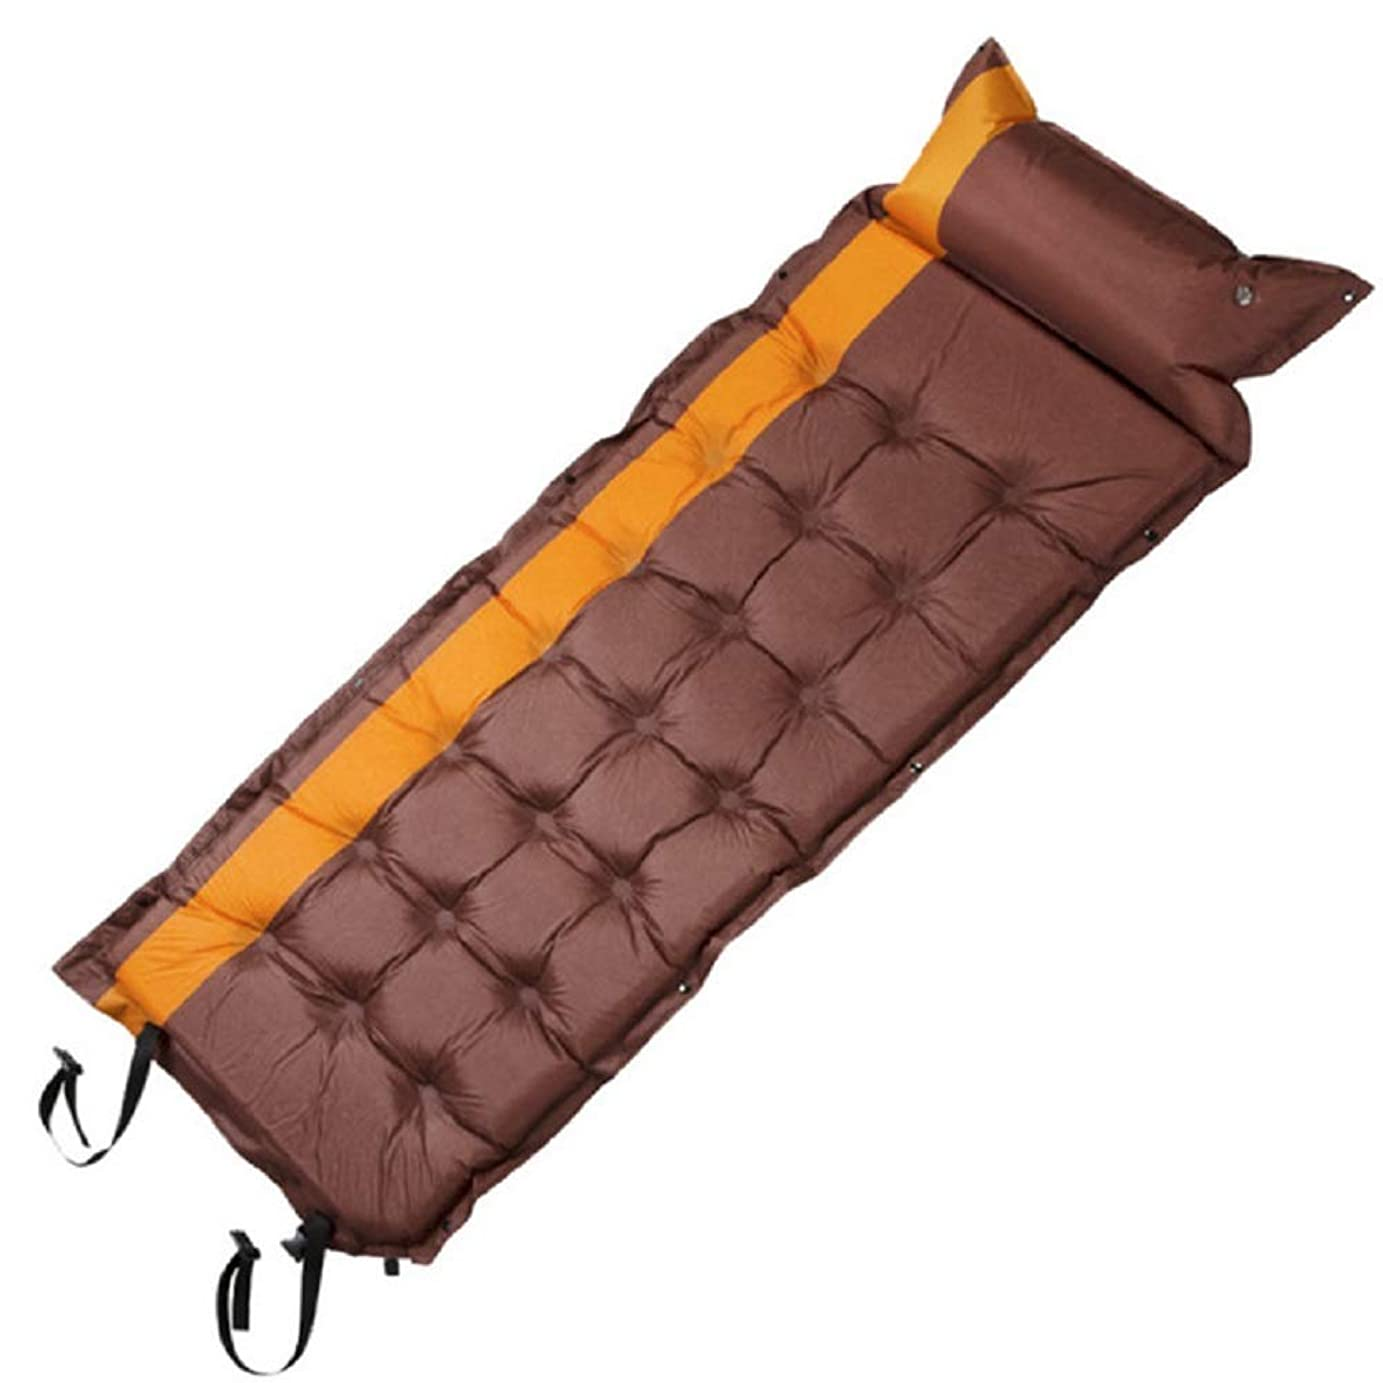 好戦的な陰謀巨人エアーマット キャンプマット キャンピングマット エアーベッド 自動膨張 連結可能 テント泊 車中泊 耐水加工 アウトドア キャンプ 寝袋 枕が付き 家族旅行